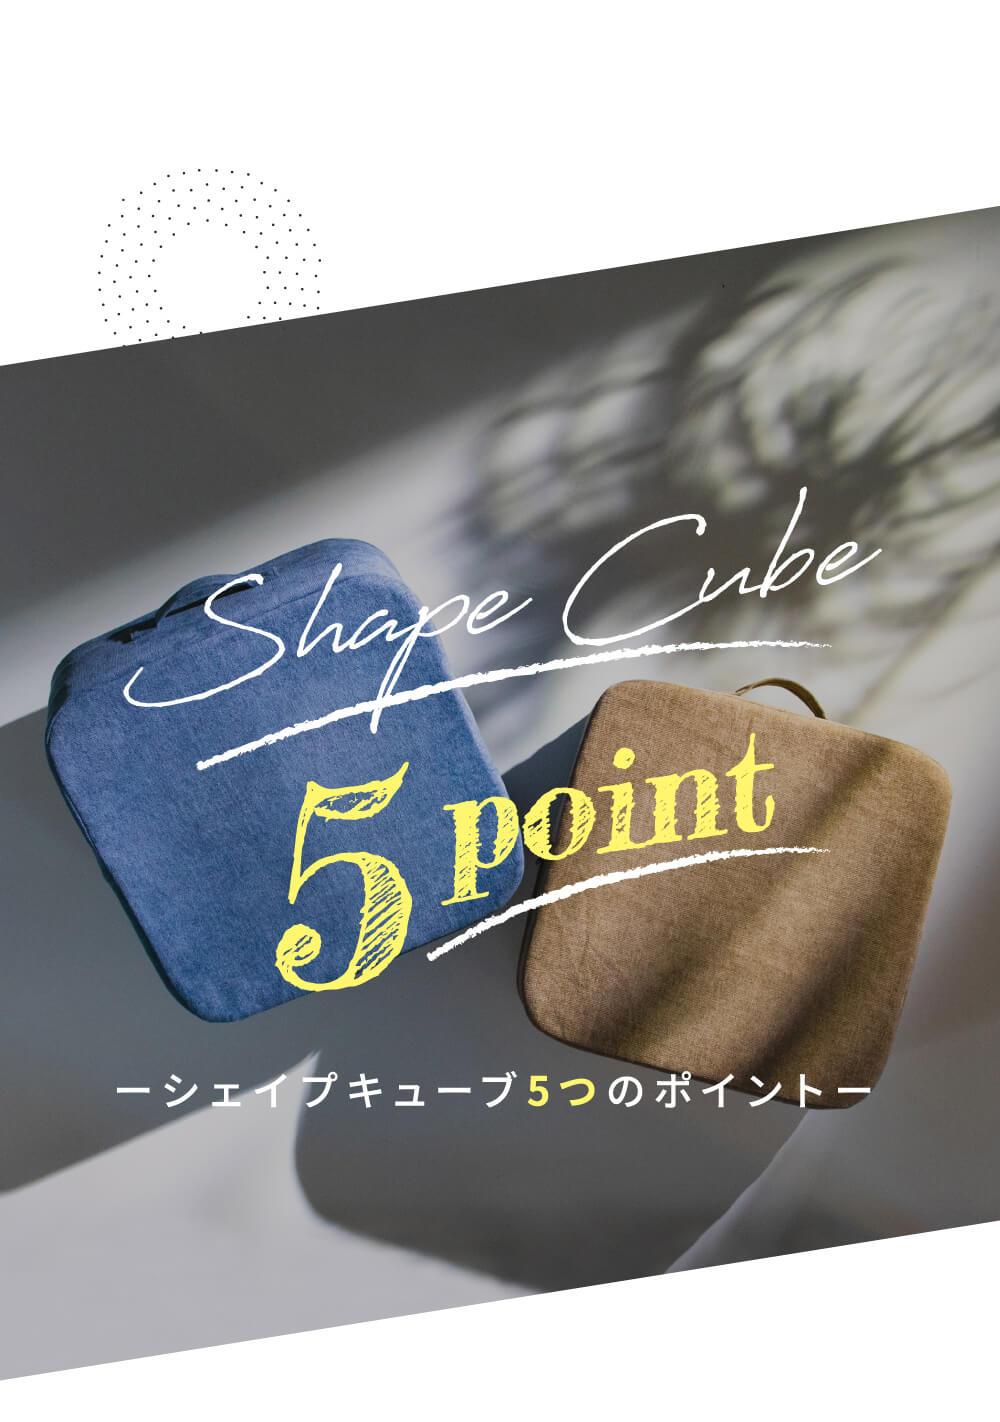 シェイプキューブ5つのポイント